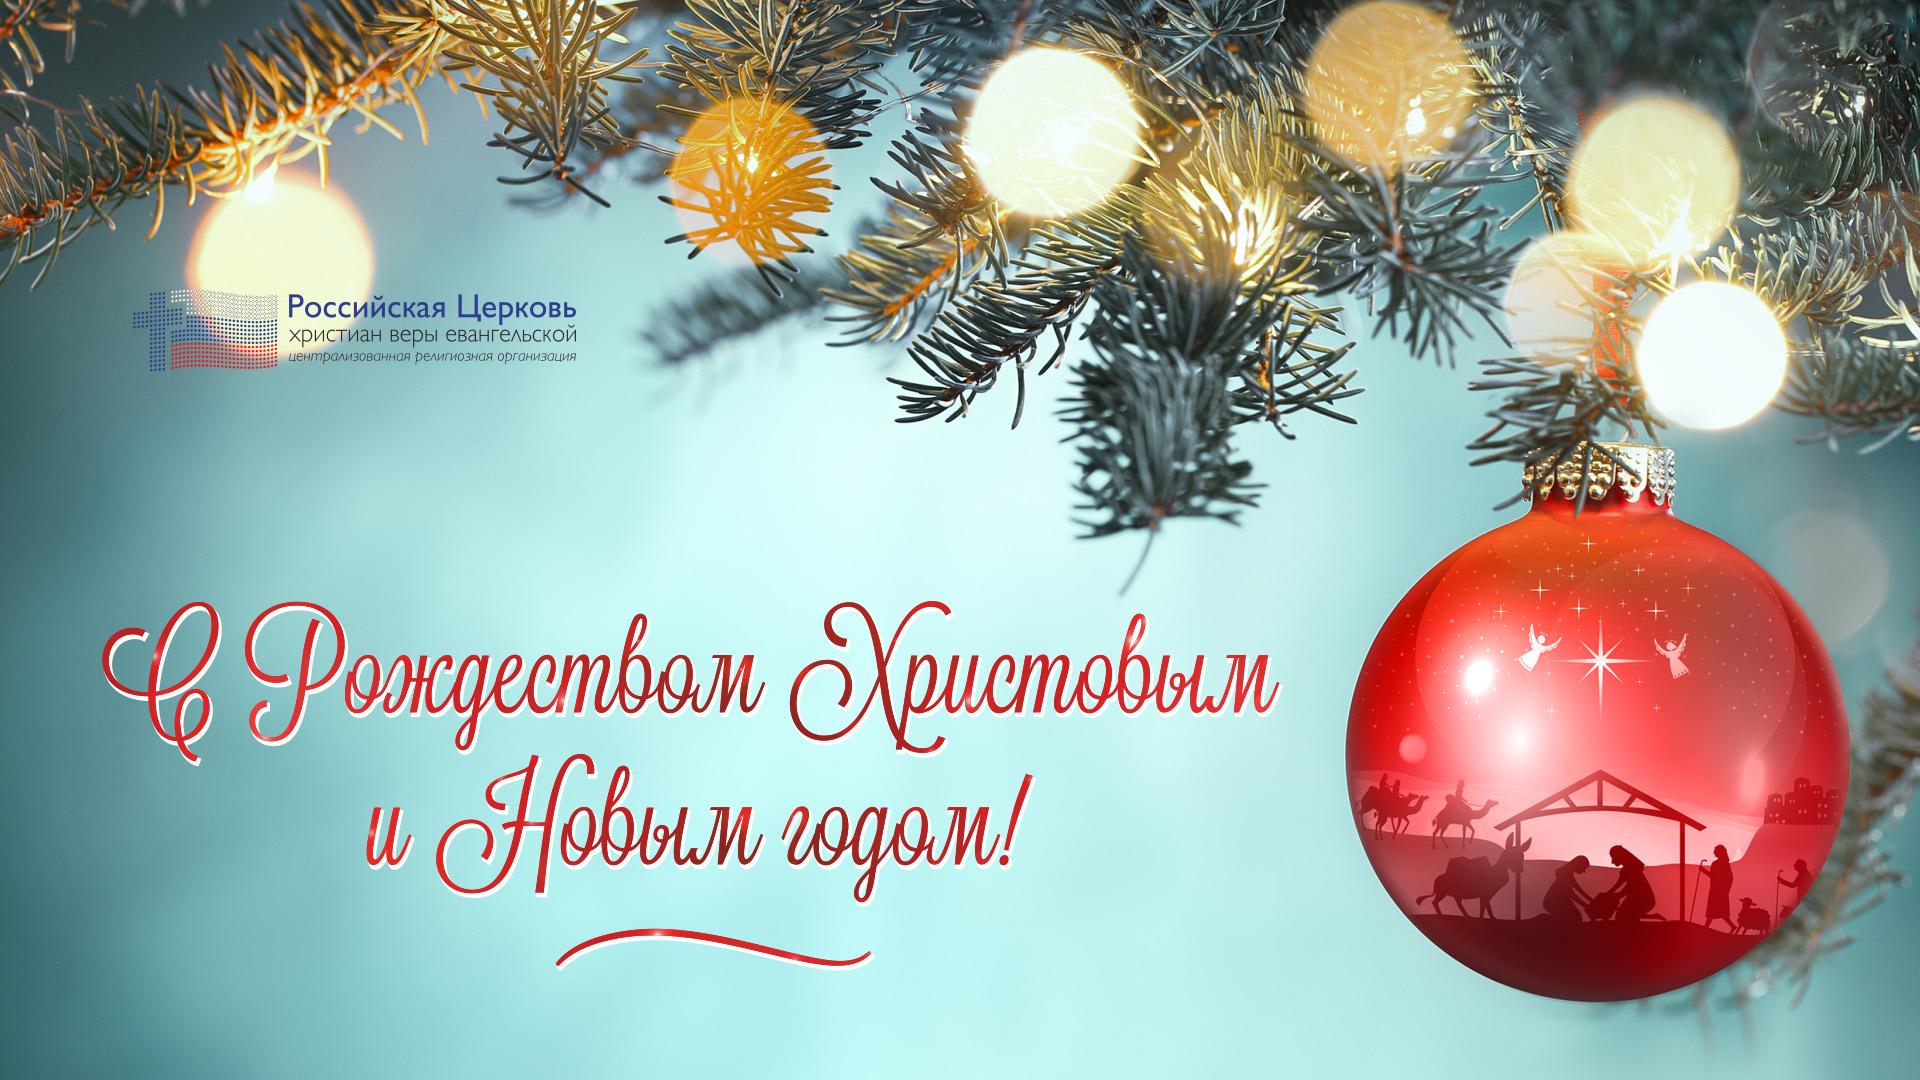 Поздравление начальствующего епископа РЦХВЕ Эдуарда Грабовенко с Рождеством Христовым и Новым годом